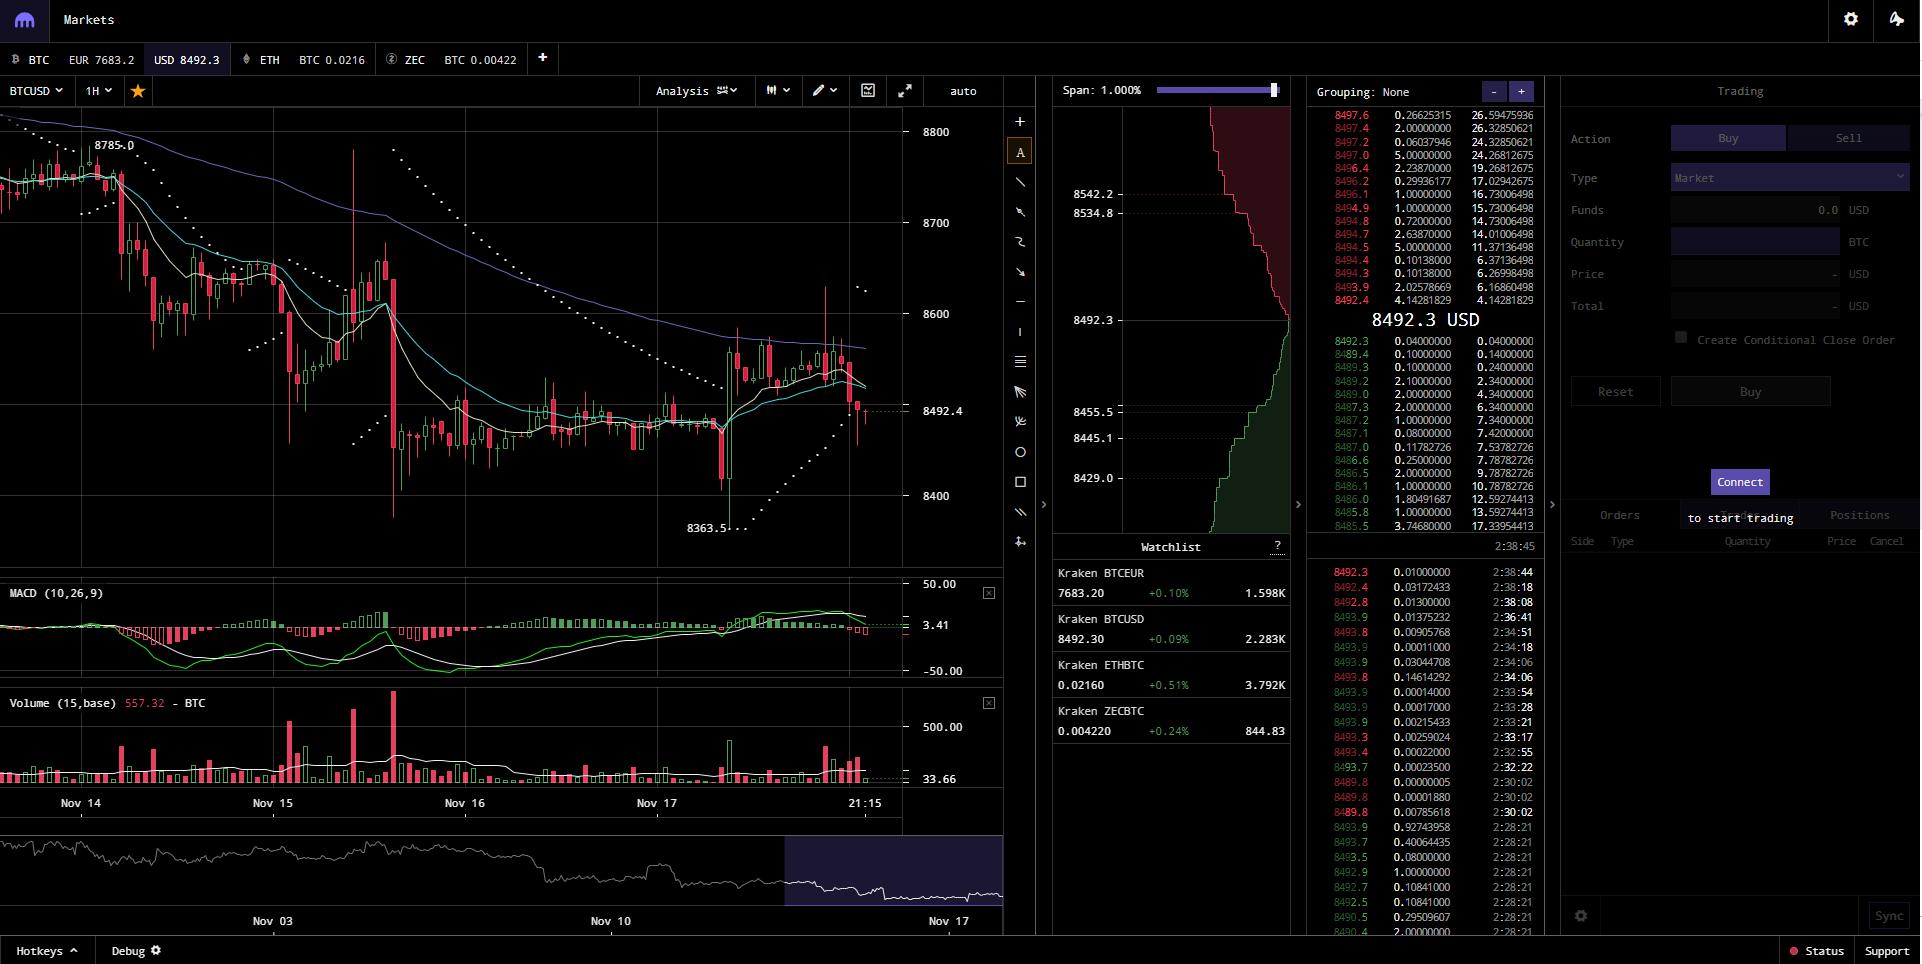 Kraken trading platform